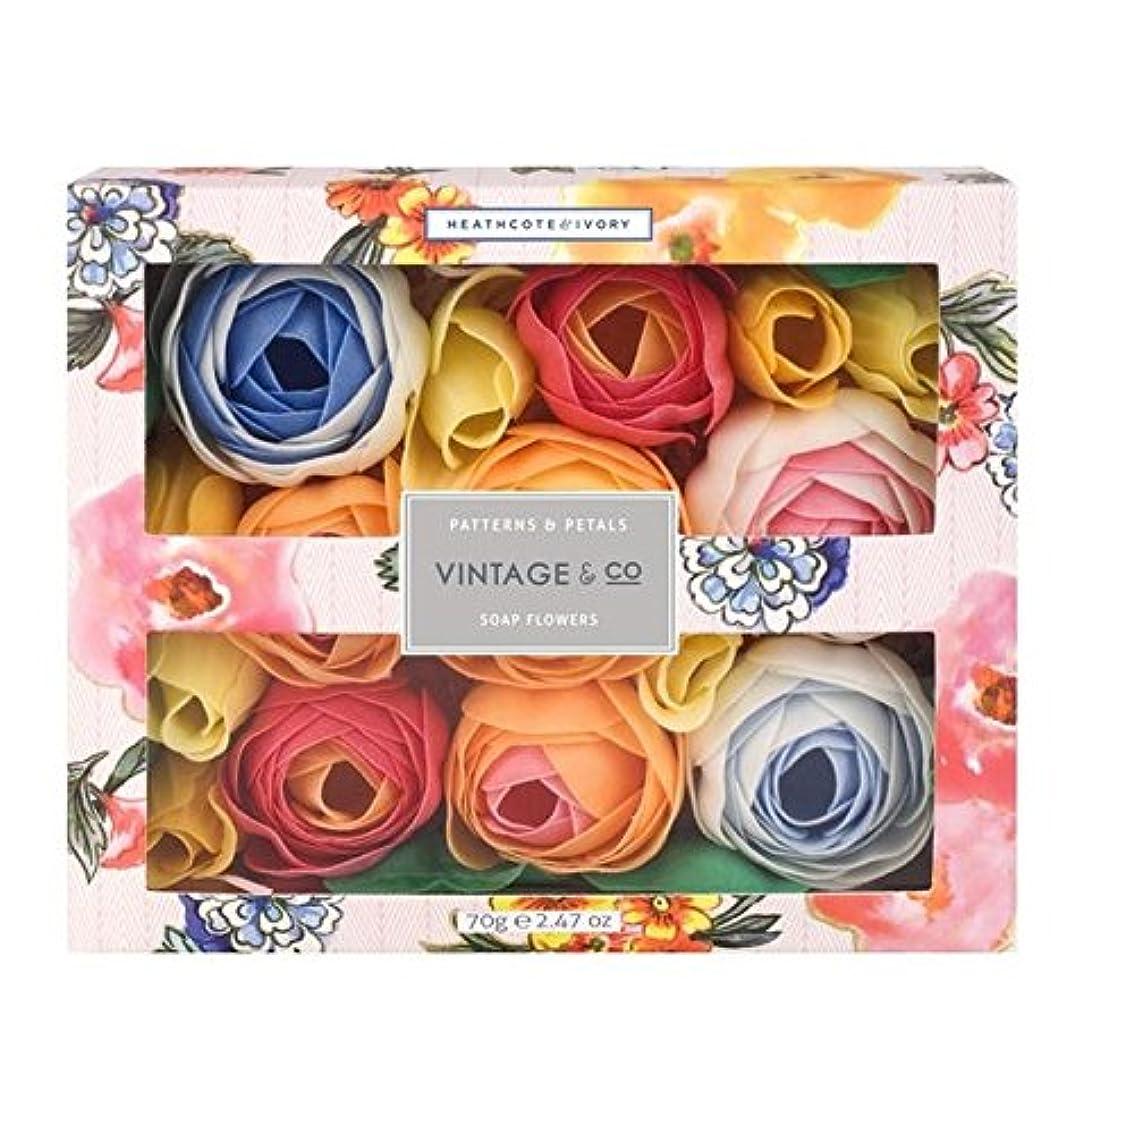 十分ステレオタイプ手荷物ヒースコート&アイボリーパターン&花びら石鹸の花70グラム x4 - Heathcote & Ivory Patterns & Petals Soap Flowers 70g (Pack of 4) [並行輸入品]